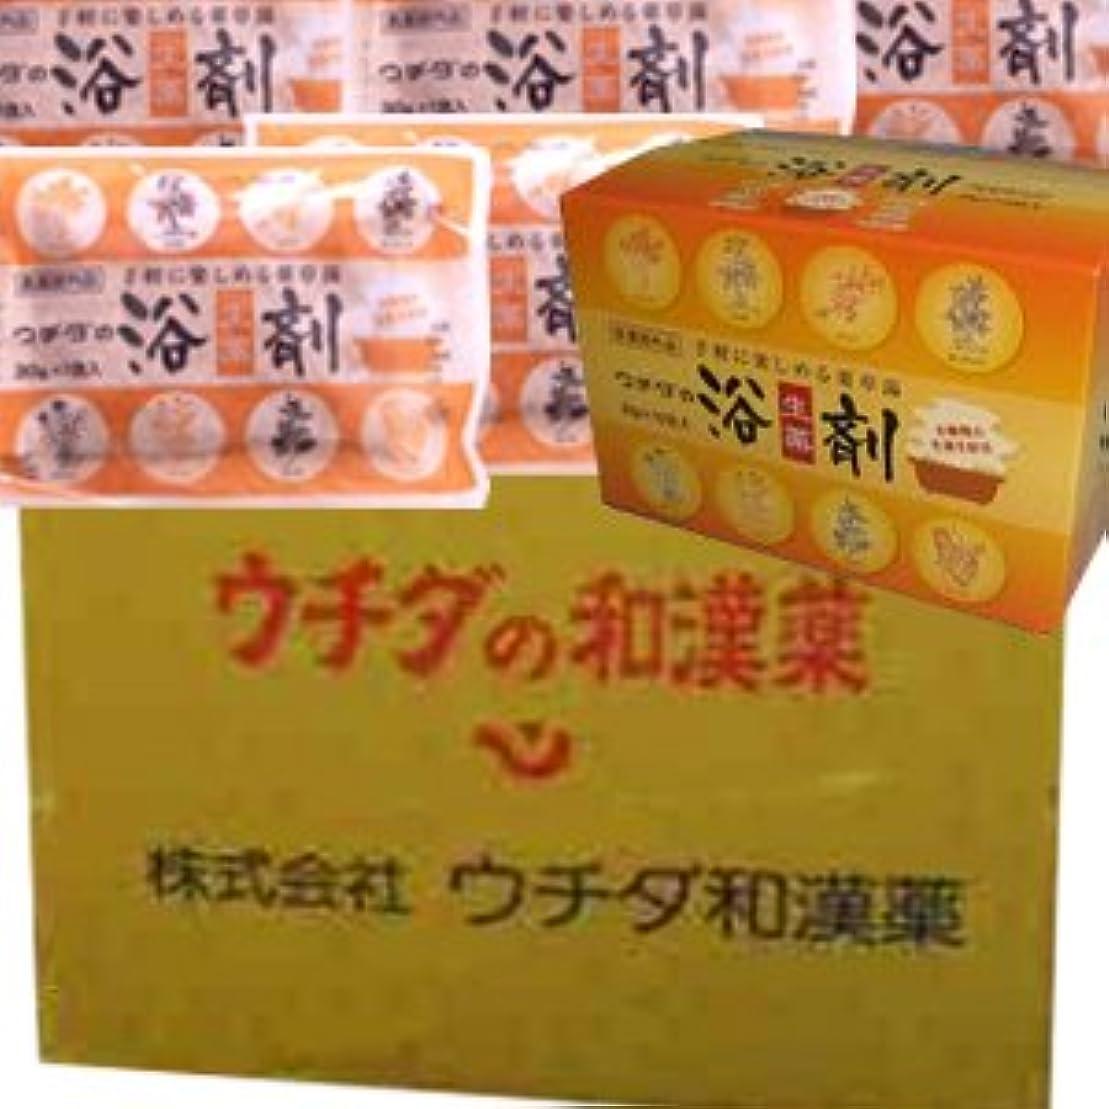 ディレクトリショップチャット【12個1ケース】 ウチダの浴剤 30g×10袋入×12個+6袋 (4987359400025)